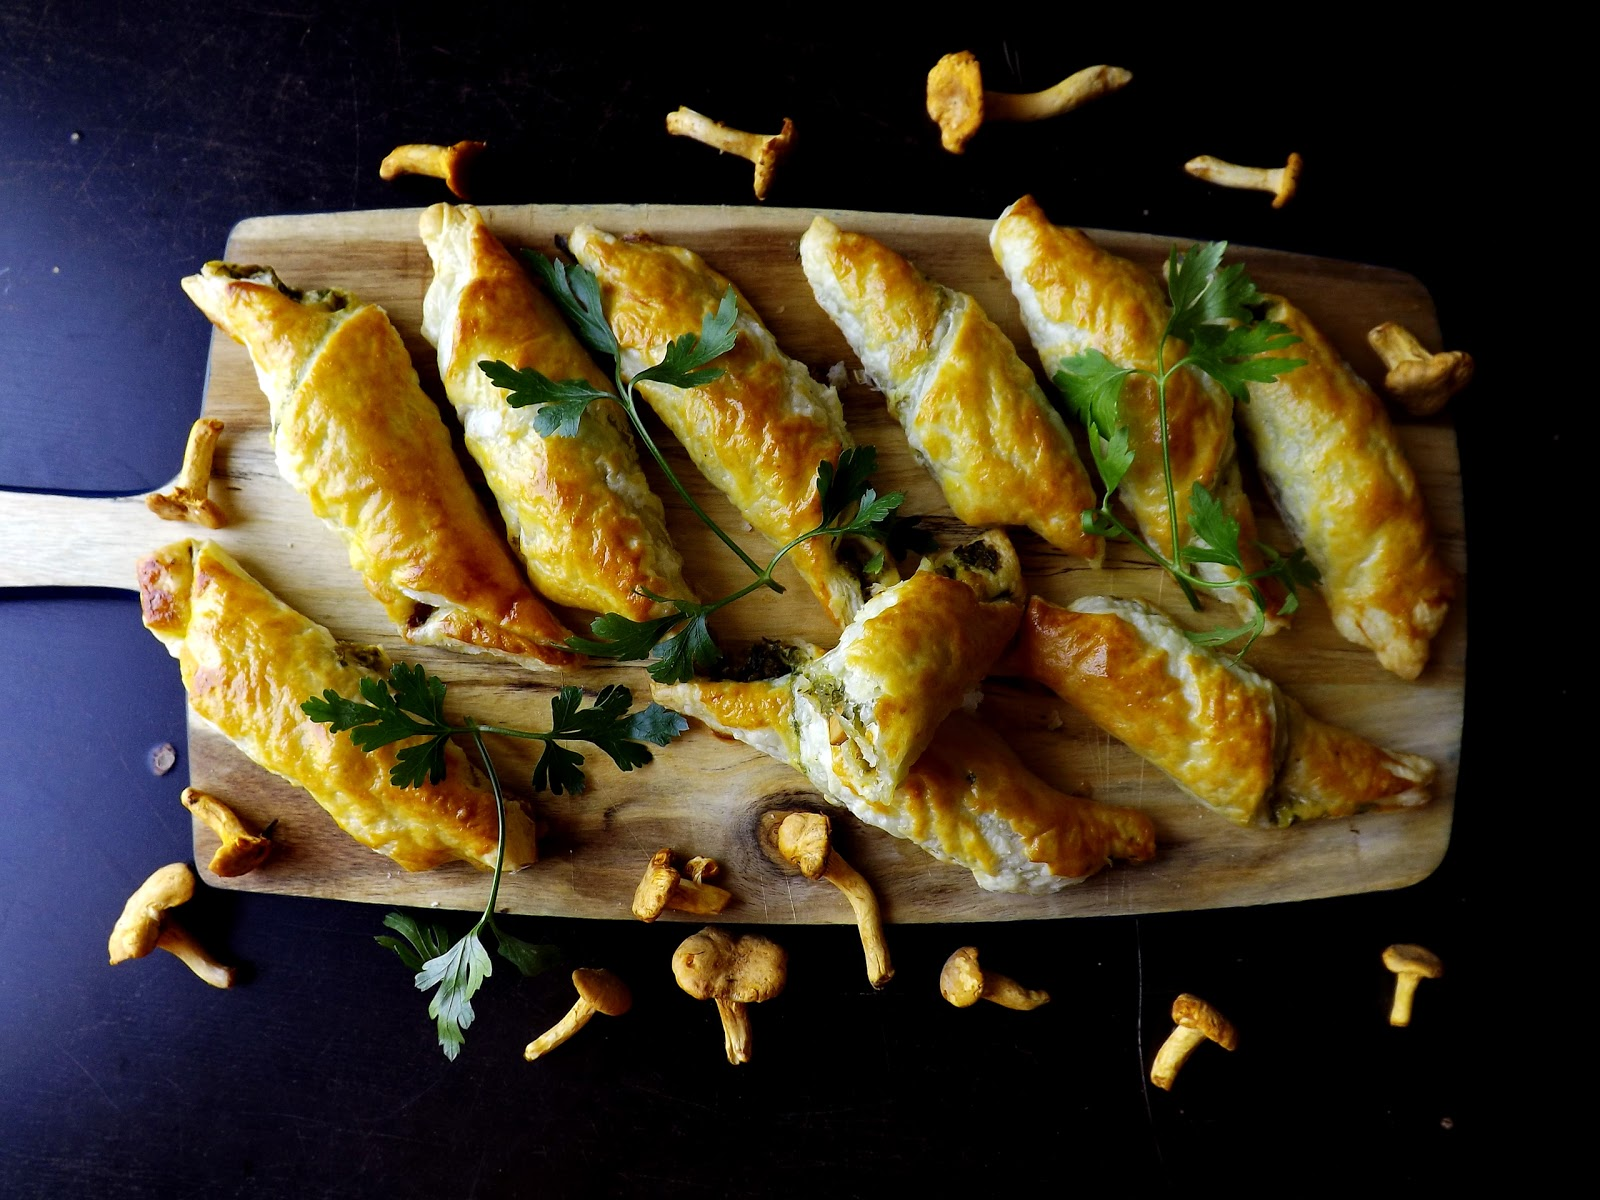 Przekąska francuska z kurkami, oliwkami i zieloną pietruszką